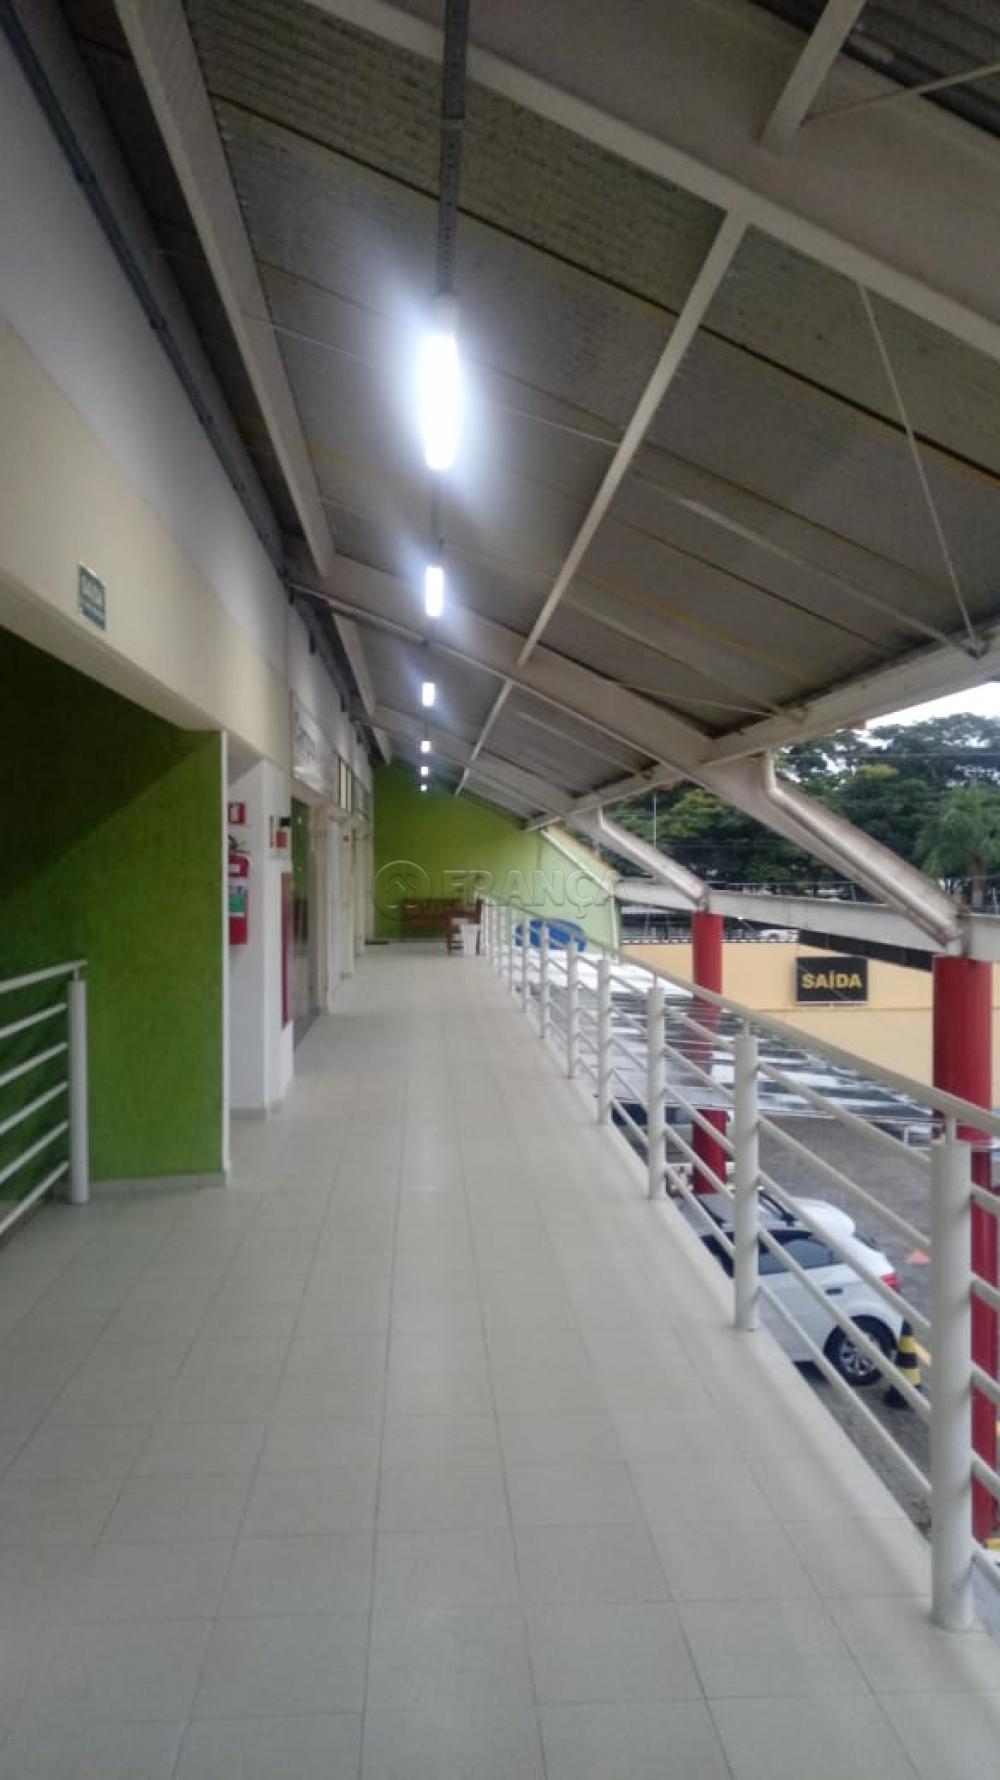 Alugar Comercial / Sala em Condomínio em Jacareí apenas R$ 1.000,00 - Foto 5